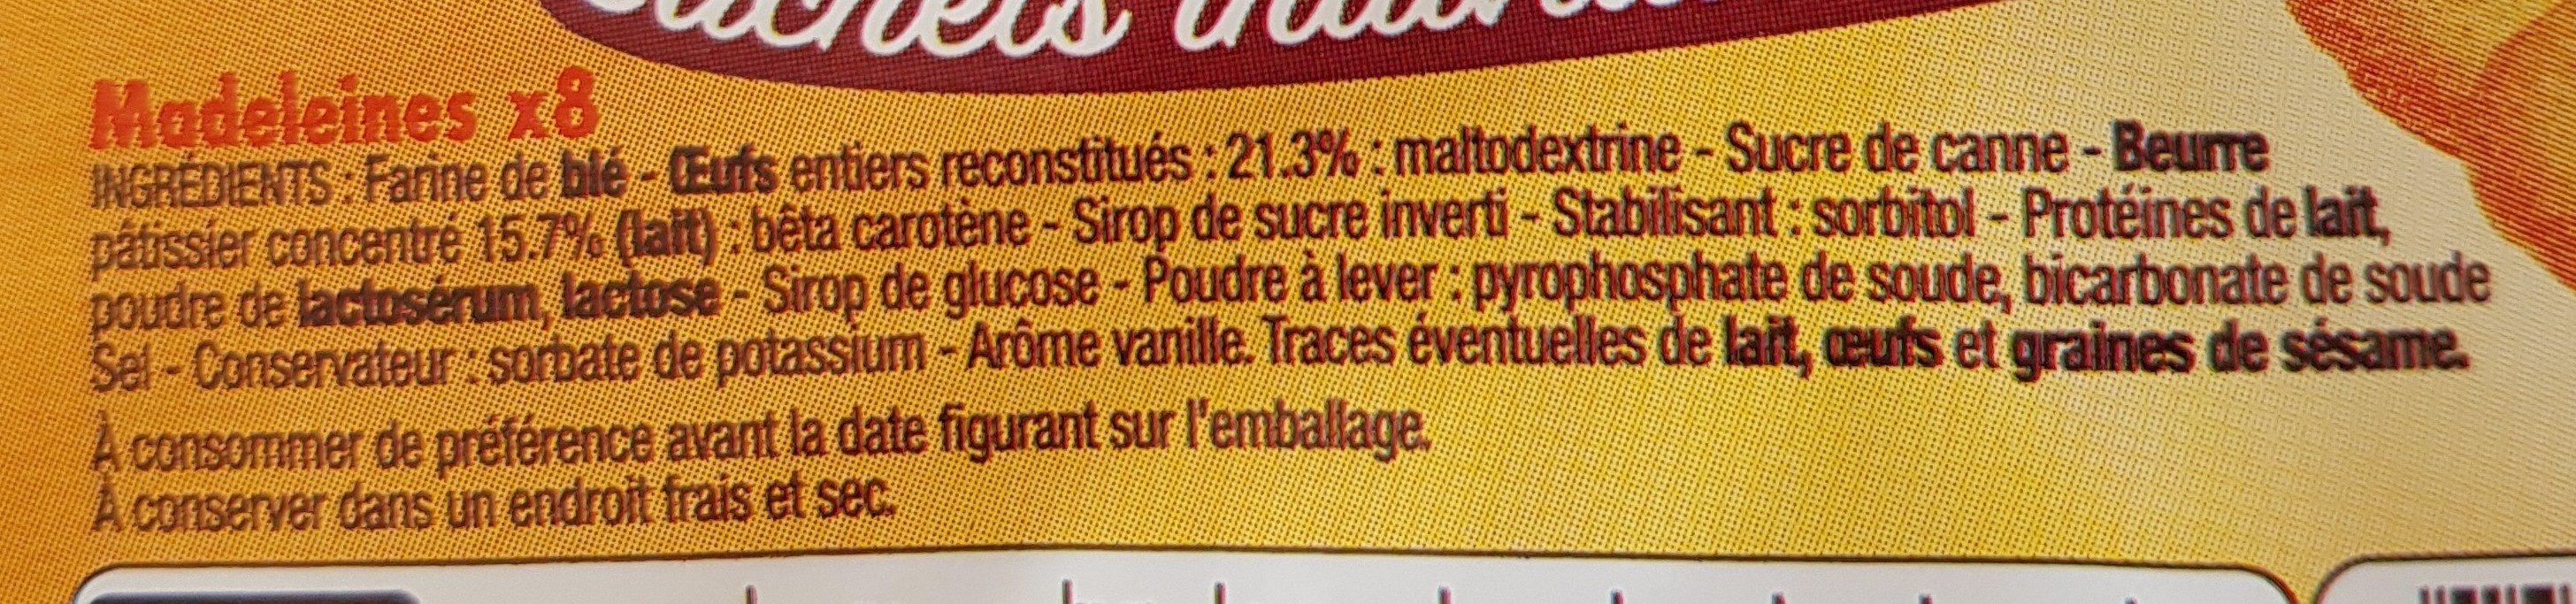 Madeleines Sachets individuels x8 - Ingredienti - fr